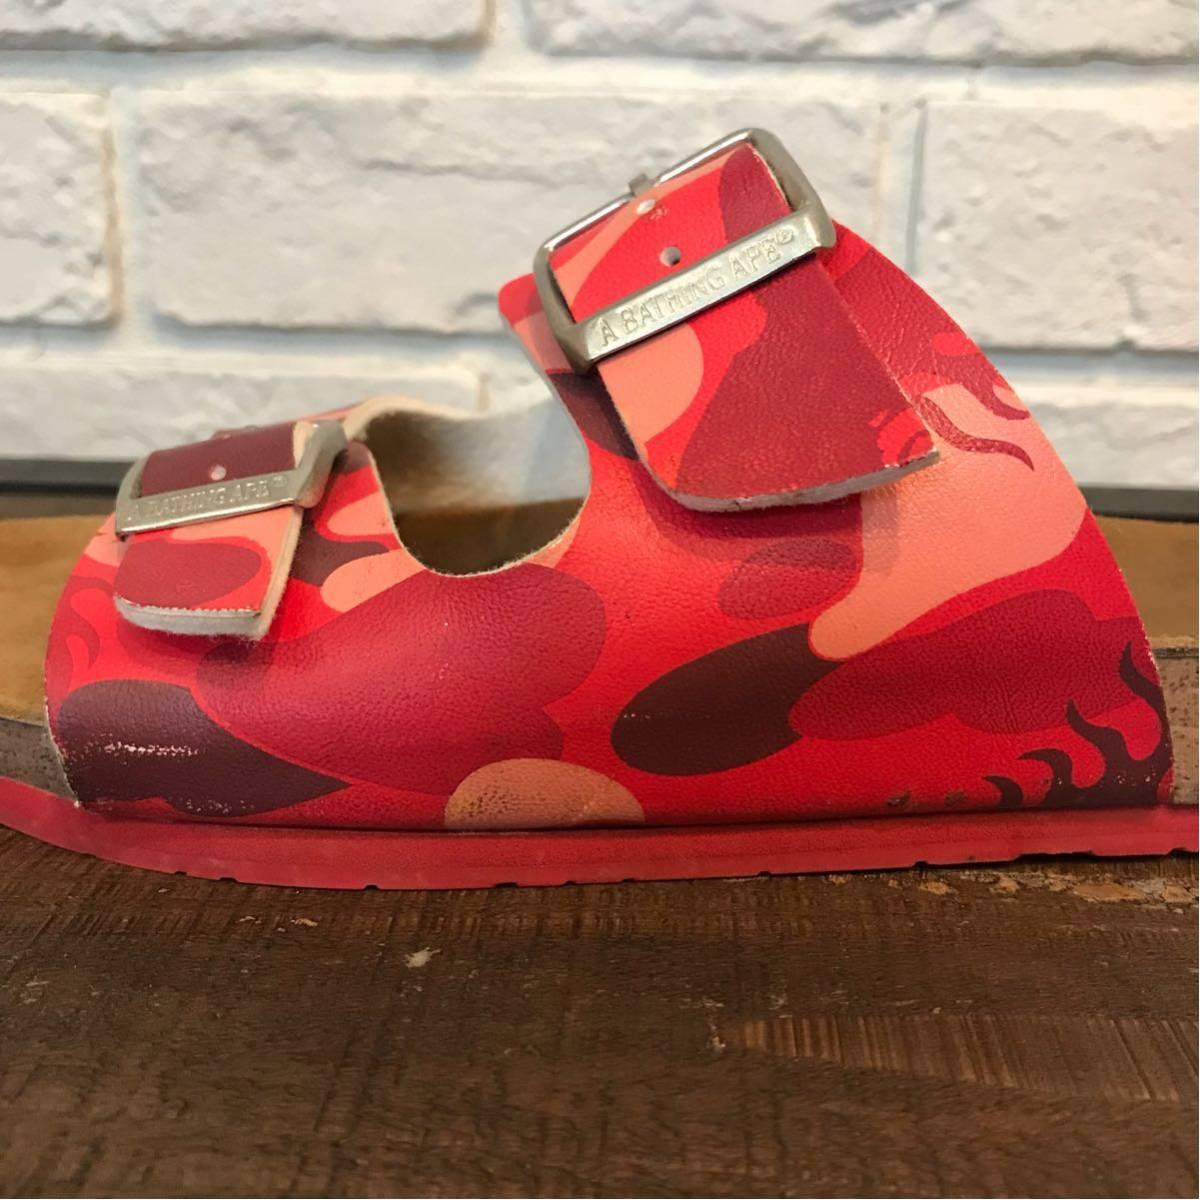 ★ムック限定★ fire camo サンダル a bathing ape bape sandals エイプ ベイプ ファイヤーカモ mook book limited red camo ladies 迷彩